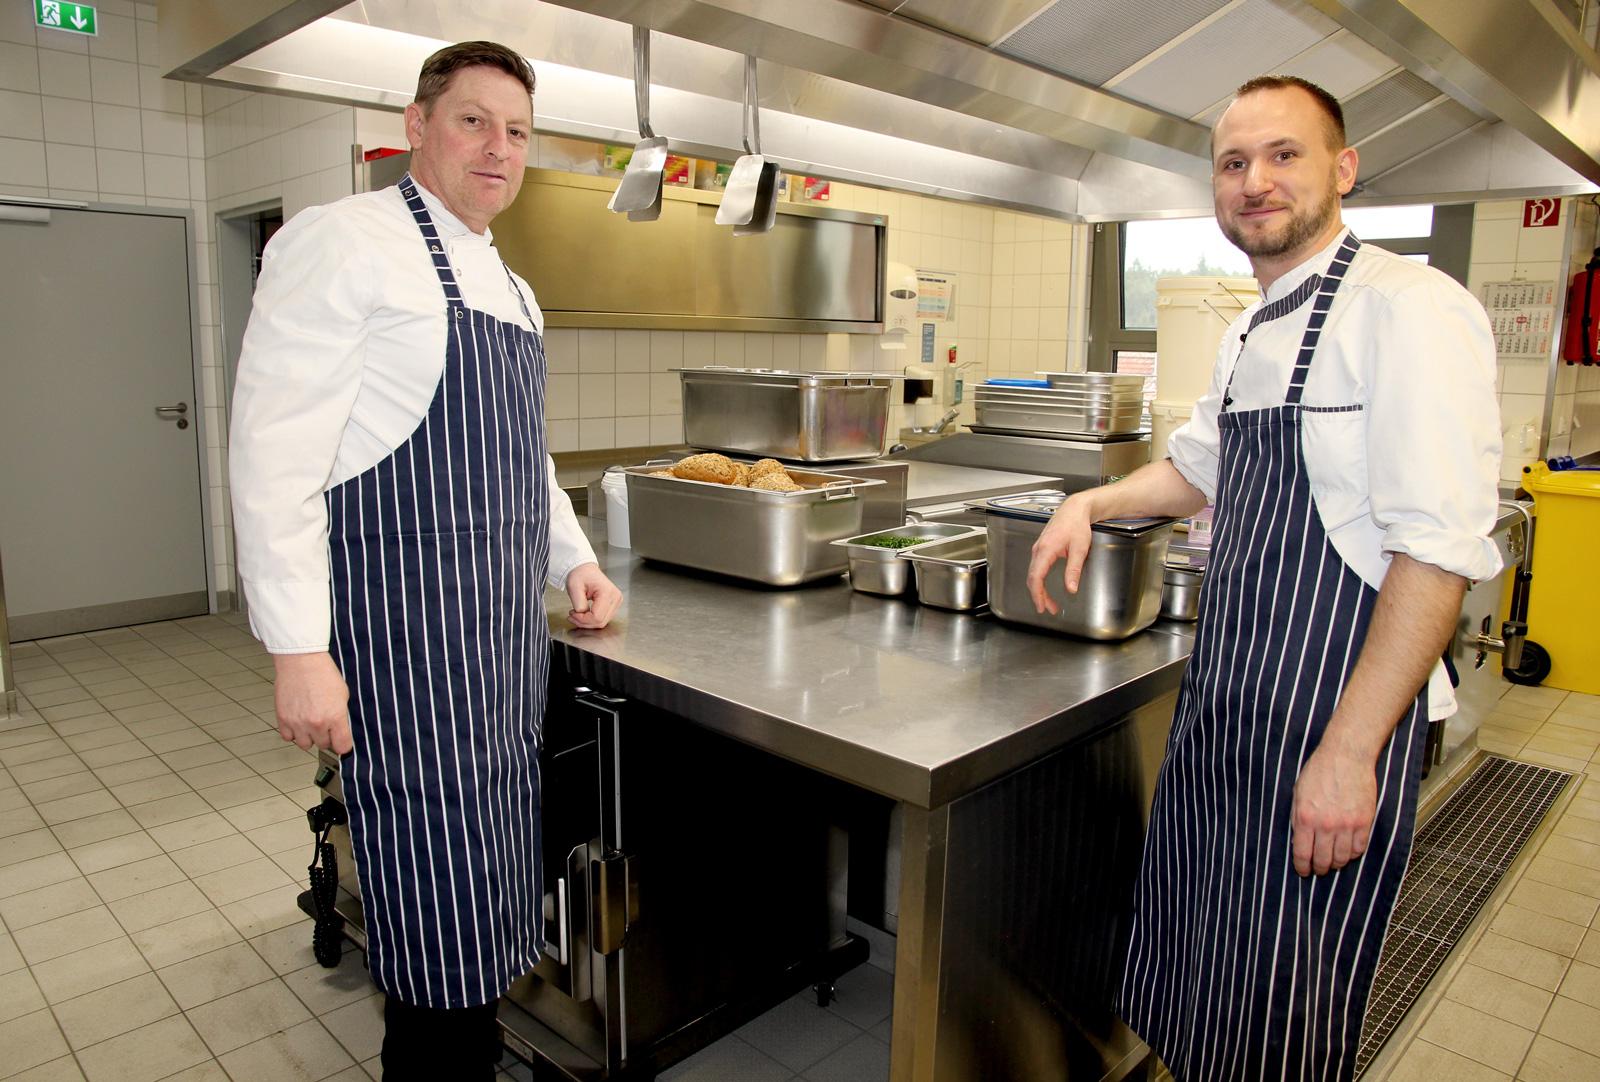 Frisch, lecker, regional und saisonal. Küche der Moritzberg-Werkstätten produziert über 600 Essen täglich.